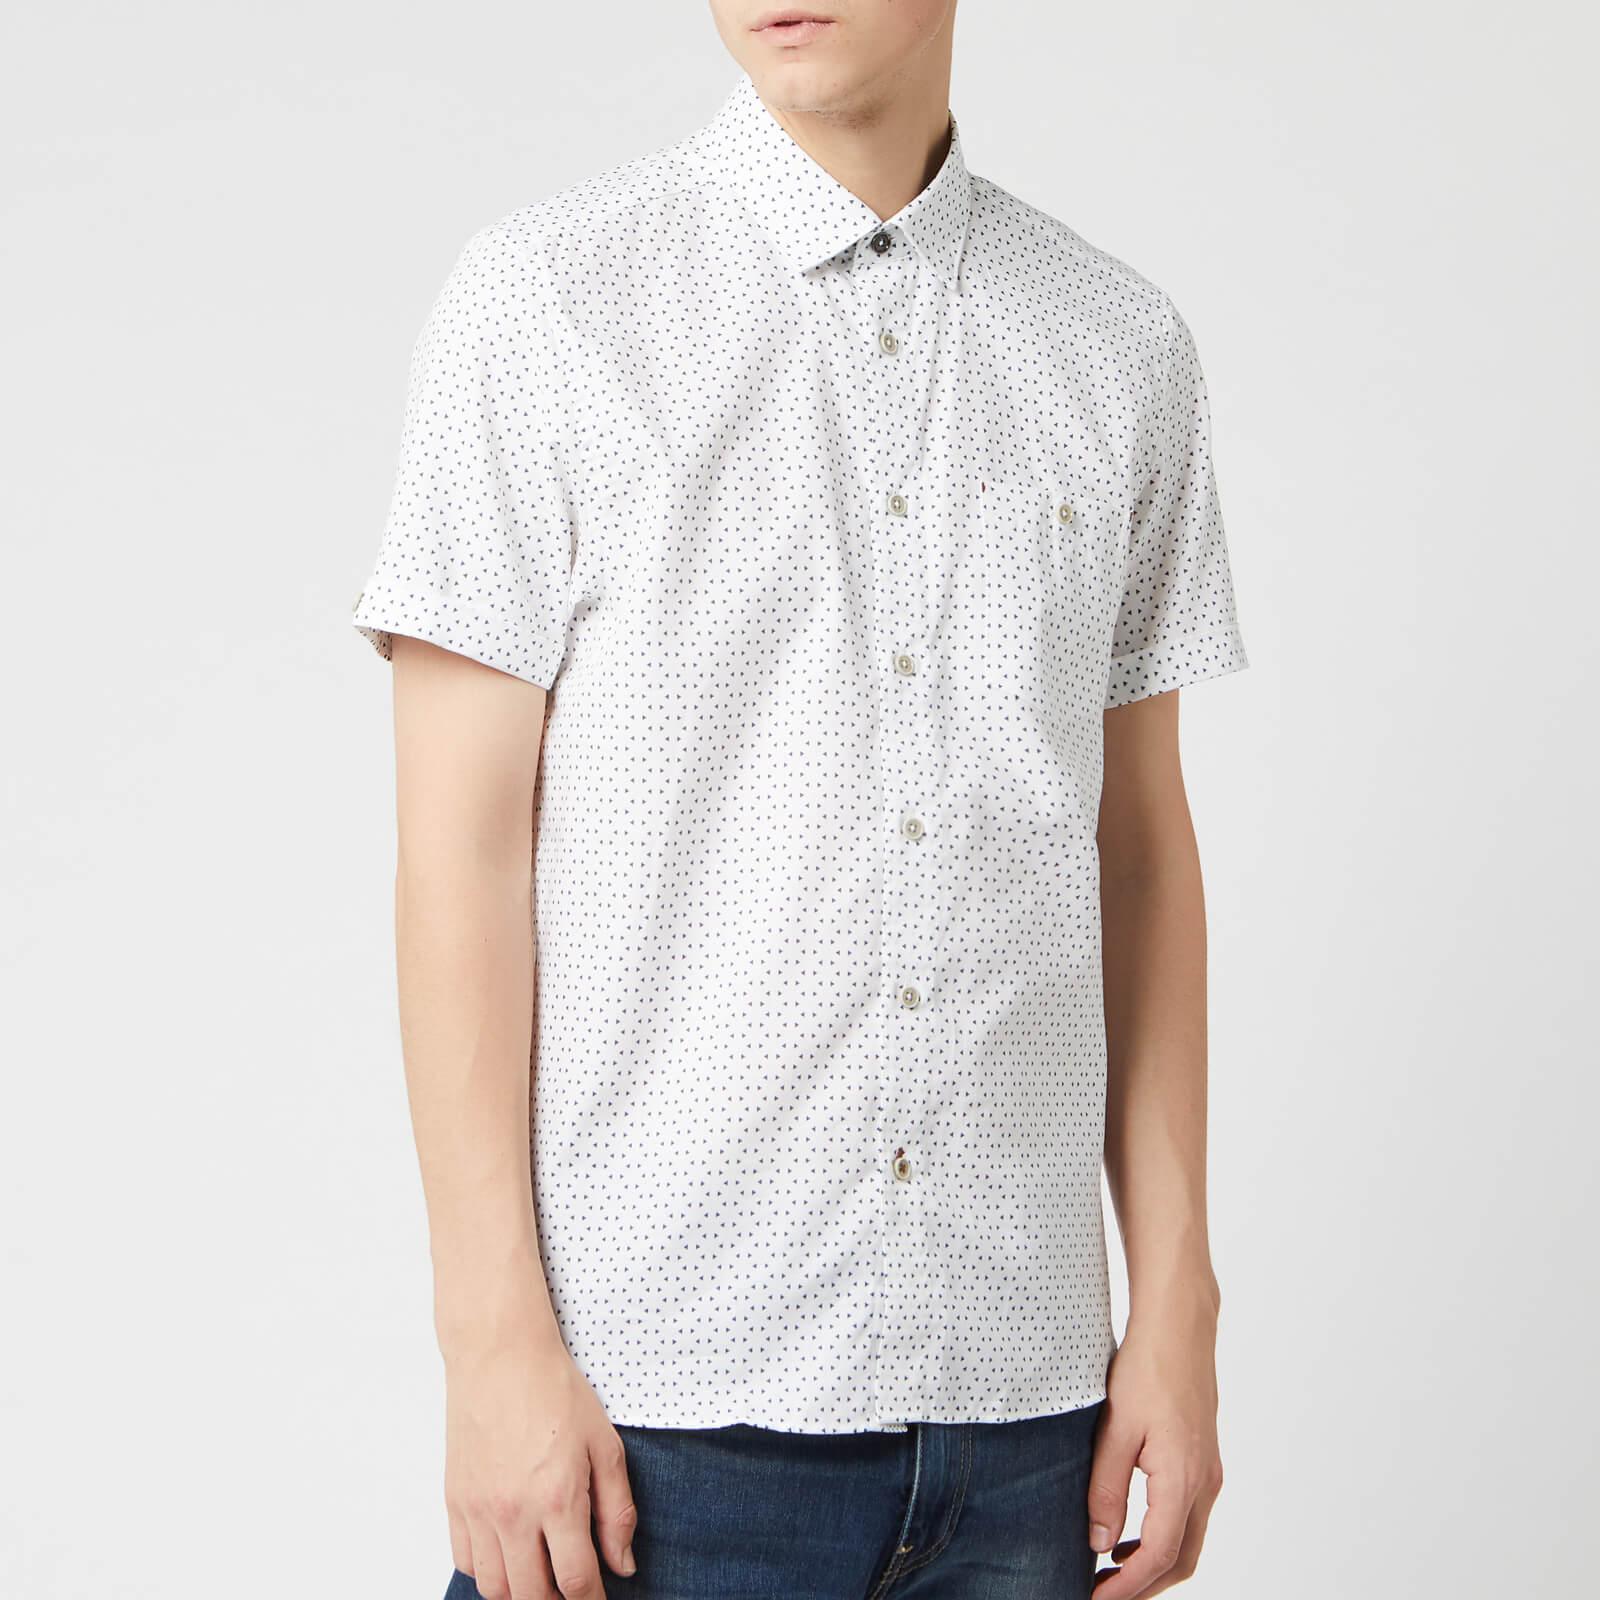 Ted Baker Men's Mathew Short Sleeve Shirt - White - L/4